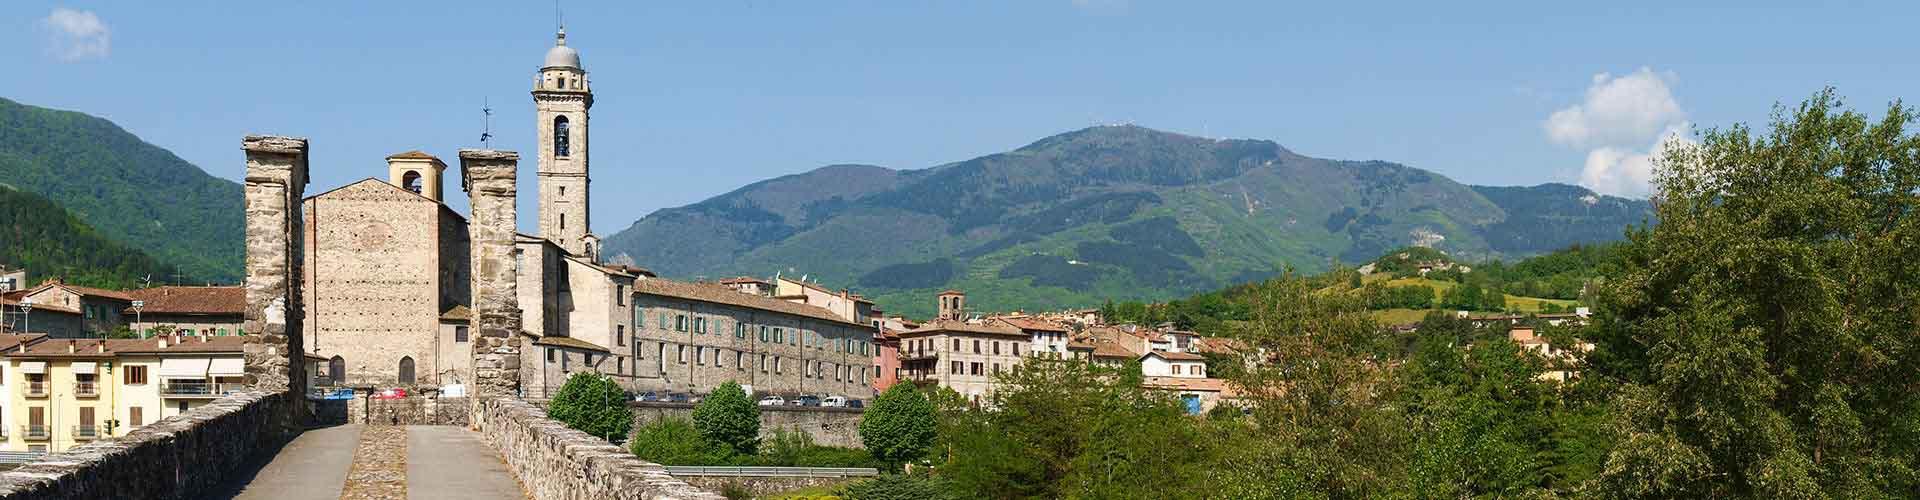 ピアツェンツァ – ホステル ピアツェンツァ. 地図 ピアツェンツァ, すべてのホステルの写真とレビュー ピアツェンツァ.